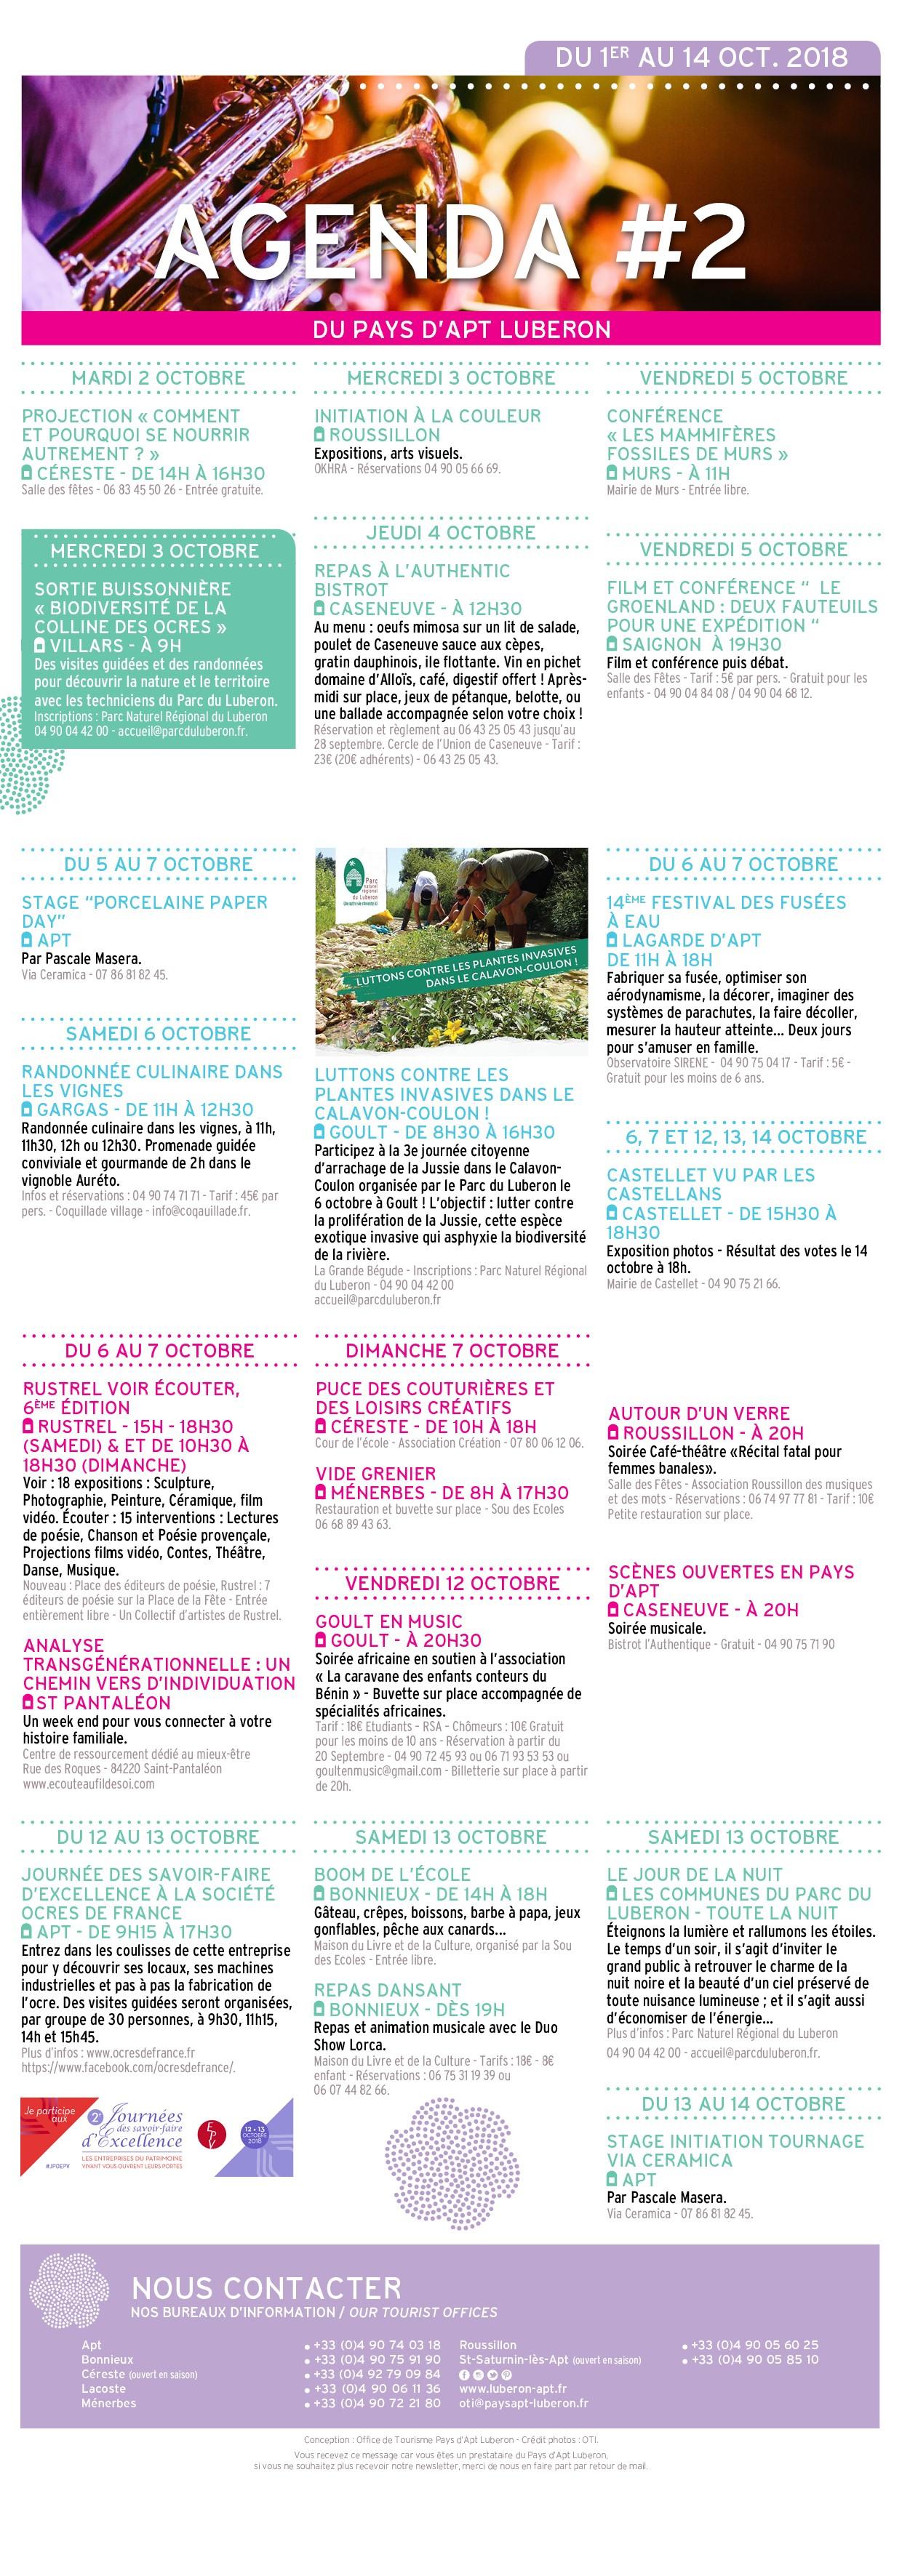 Agenda culturel - 1er au 14 oct. 2018